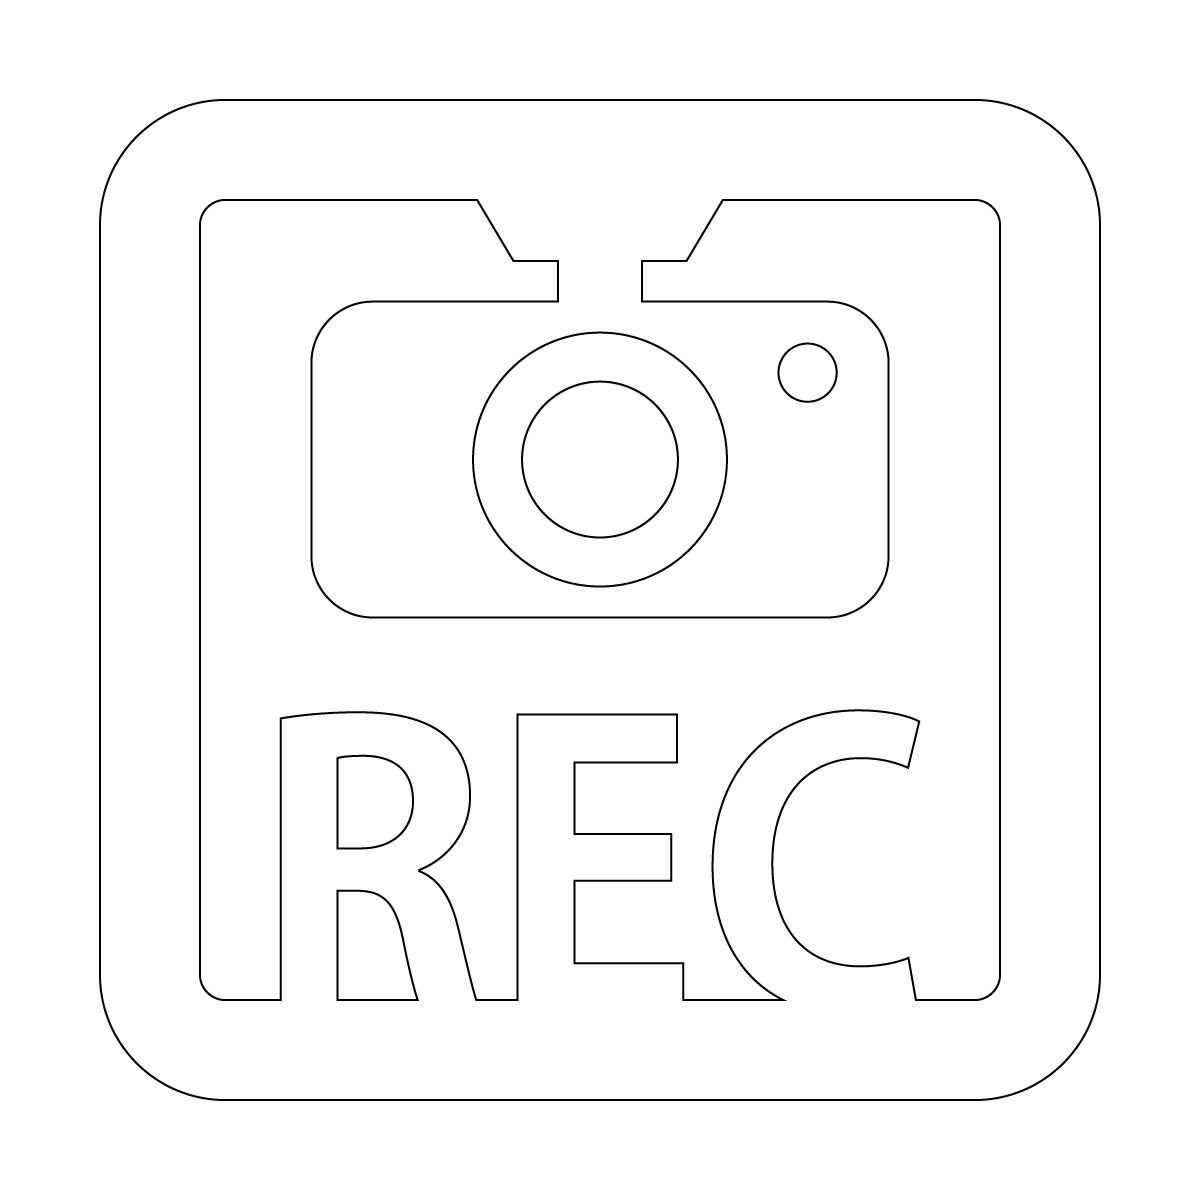 白色のドラレコ 録画中 撮影中 REC 防犯 セキュリティーマークのカッティング ステッカー・シール 光沢タイプ・防水・耐水・屋外耐候3~4年 煽り運転 抑止 ドライブレコーダー 車間距離